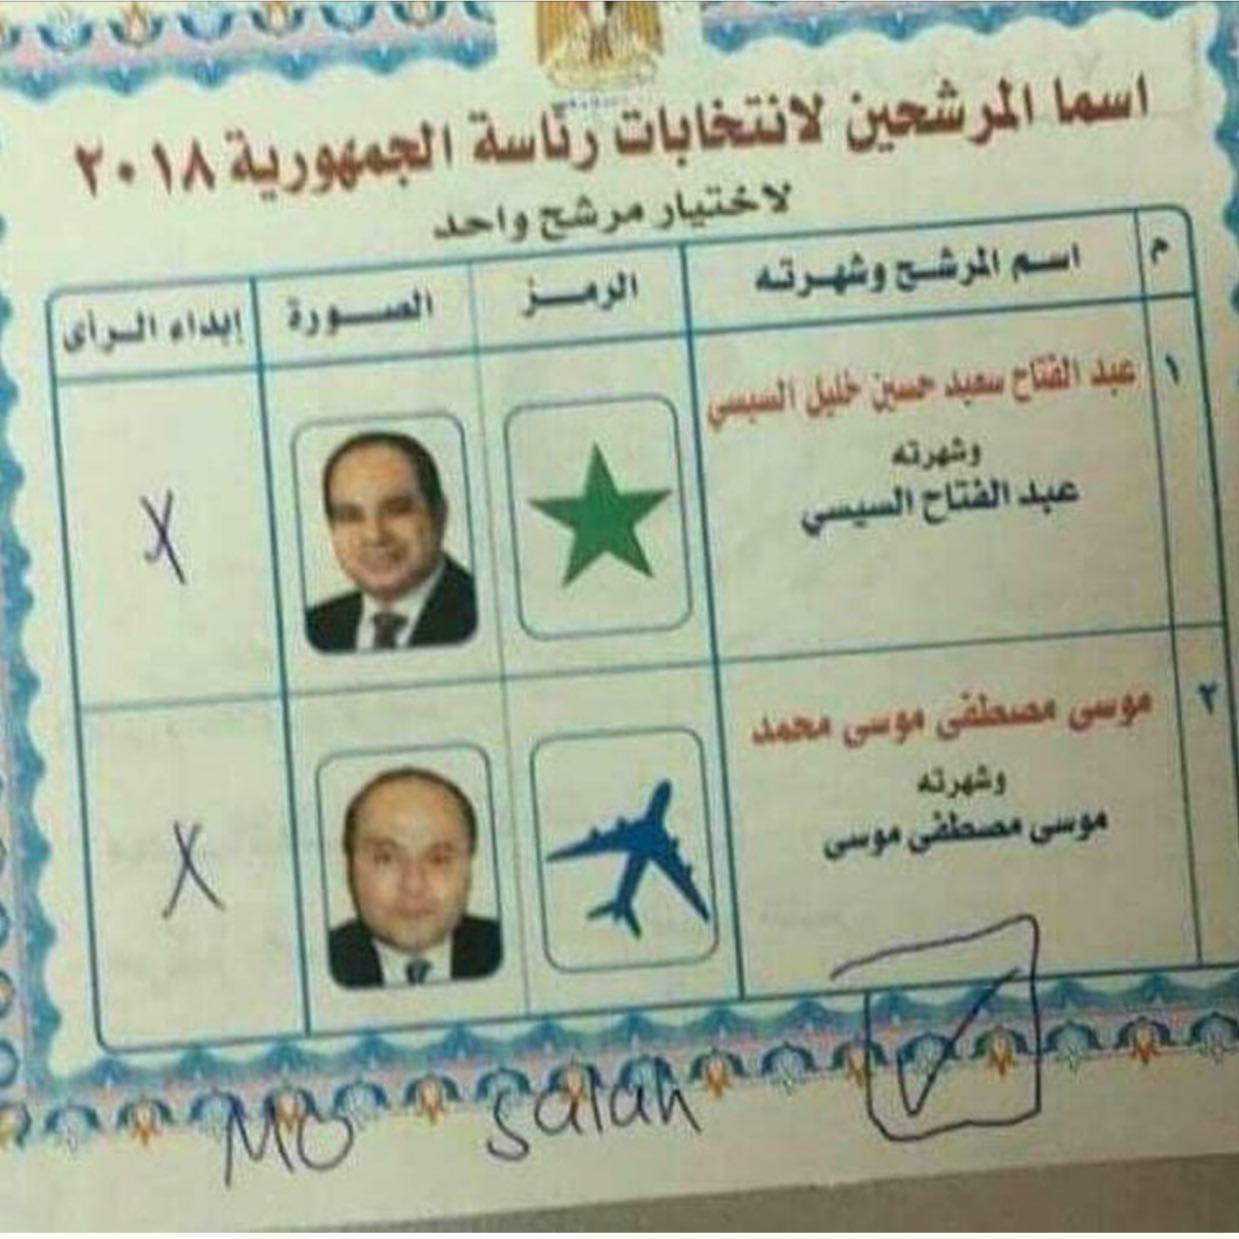 رأی بیش از یک میلیون مصری به «رئیسجمهور محمد صلاح»!+عکس